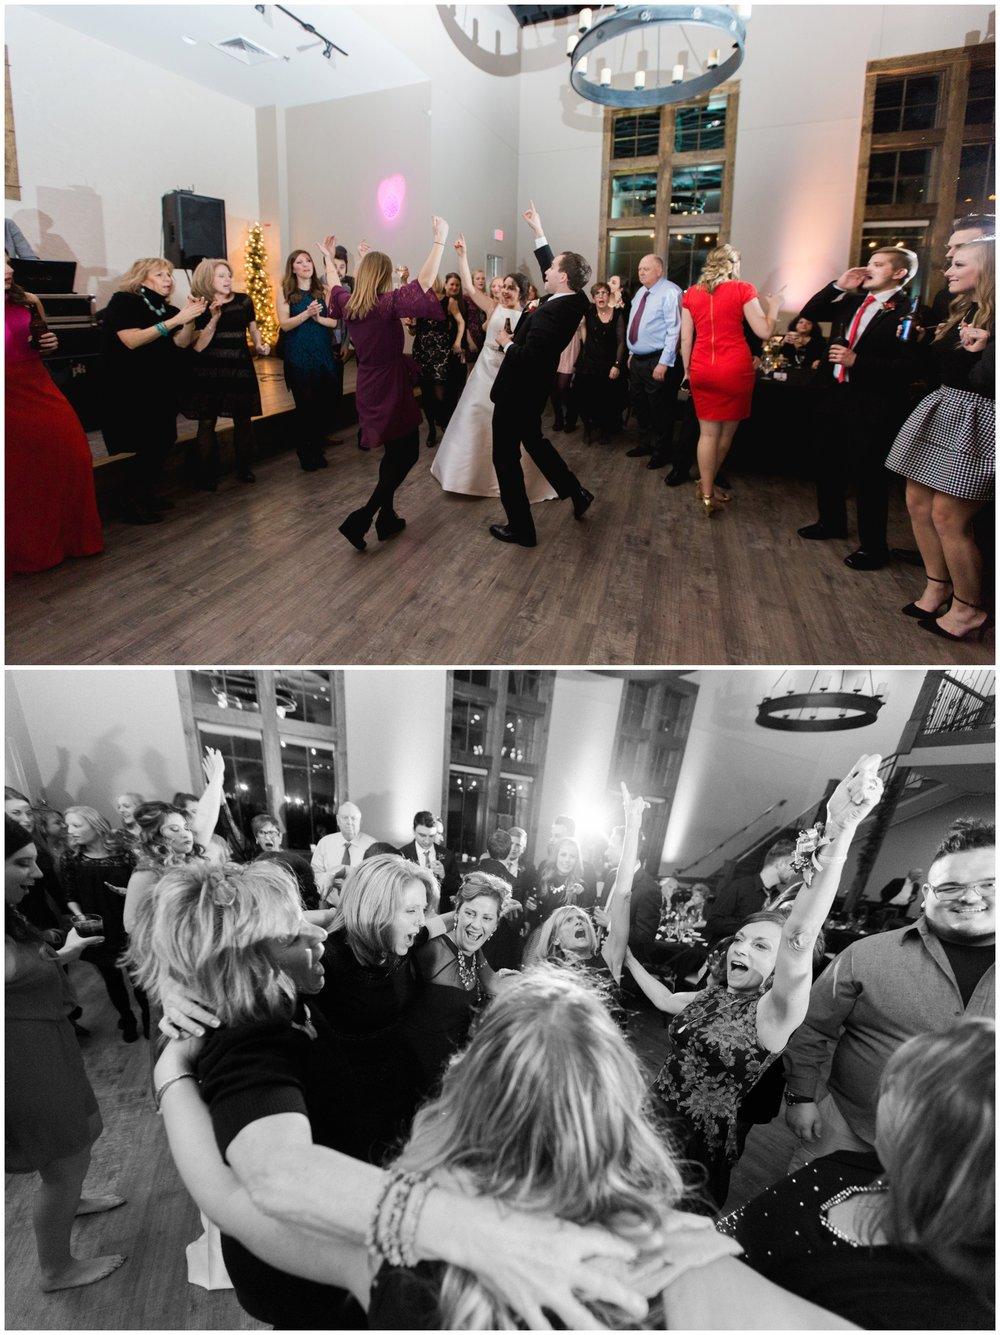 wedding photography st louis_lauren muckler photography_film photographer_film wedding_0028.jpg